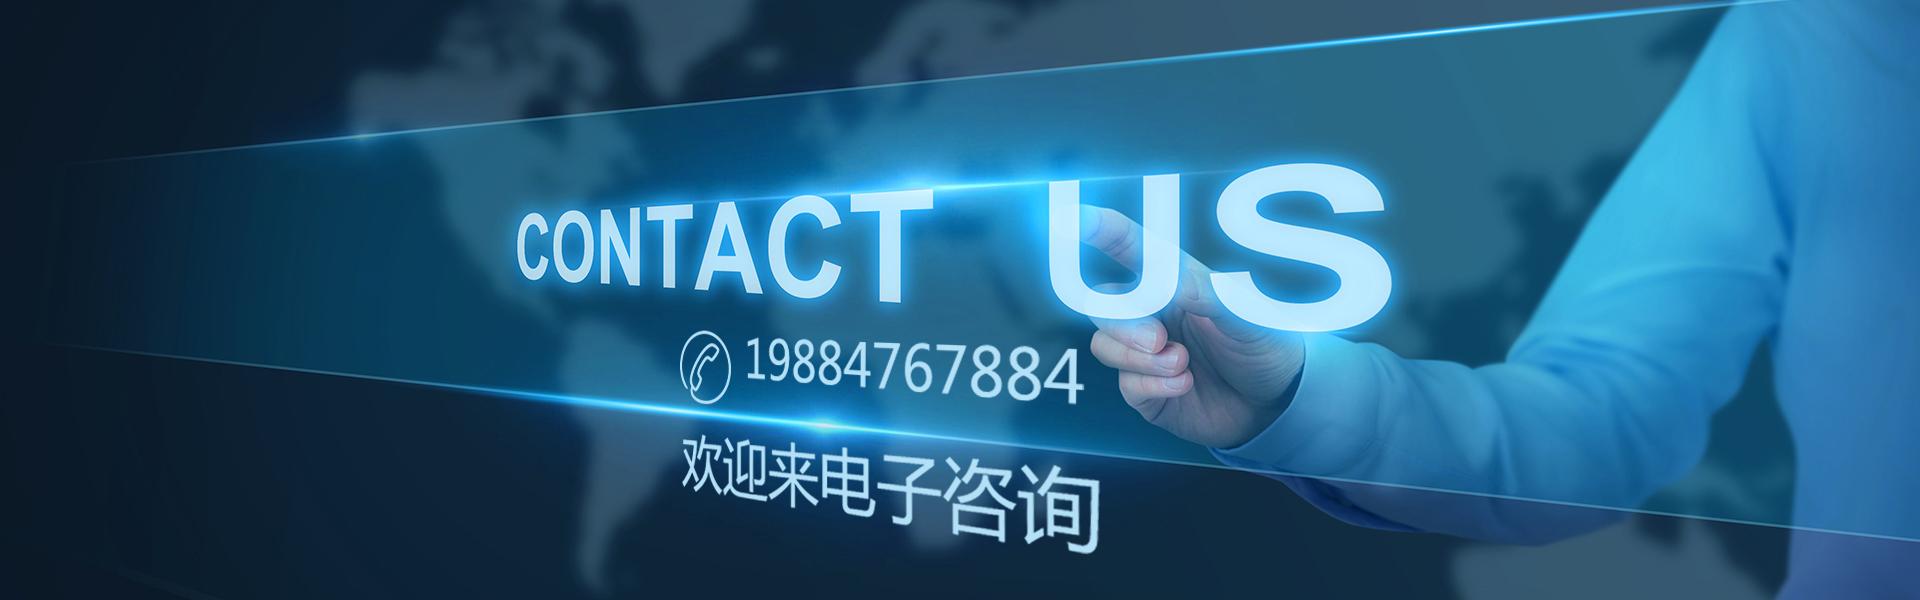 http://www.xybp.com.cn/data/upload/202103/20210317131056_998.jpg